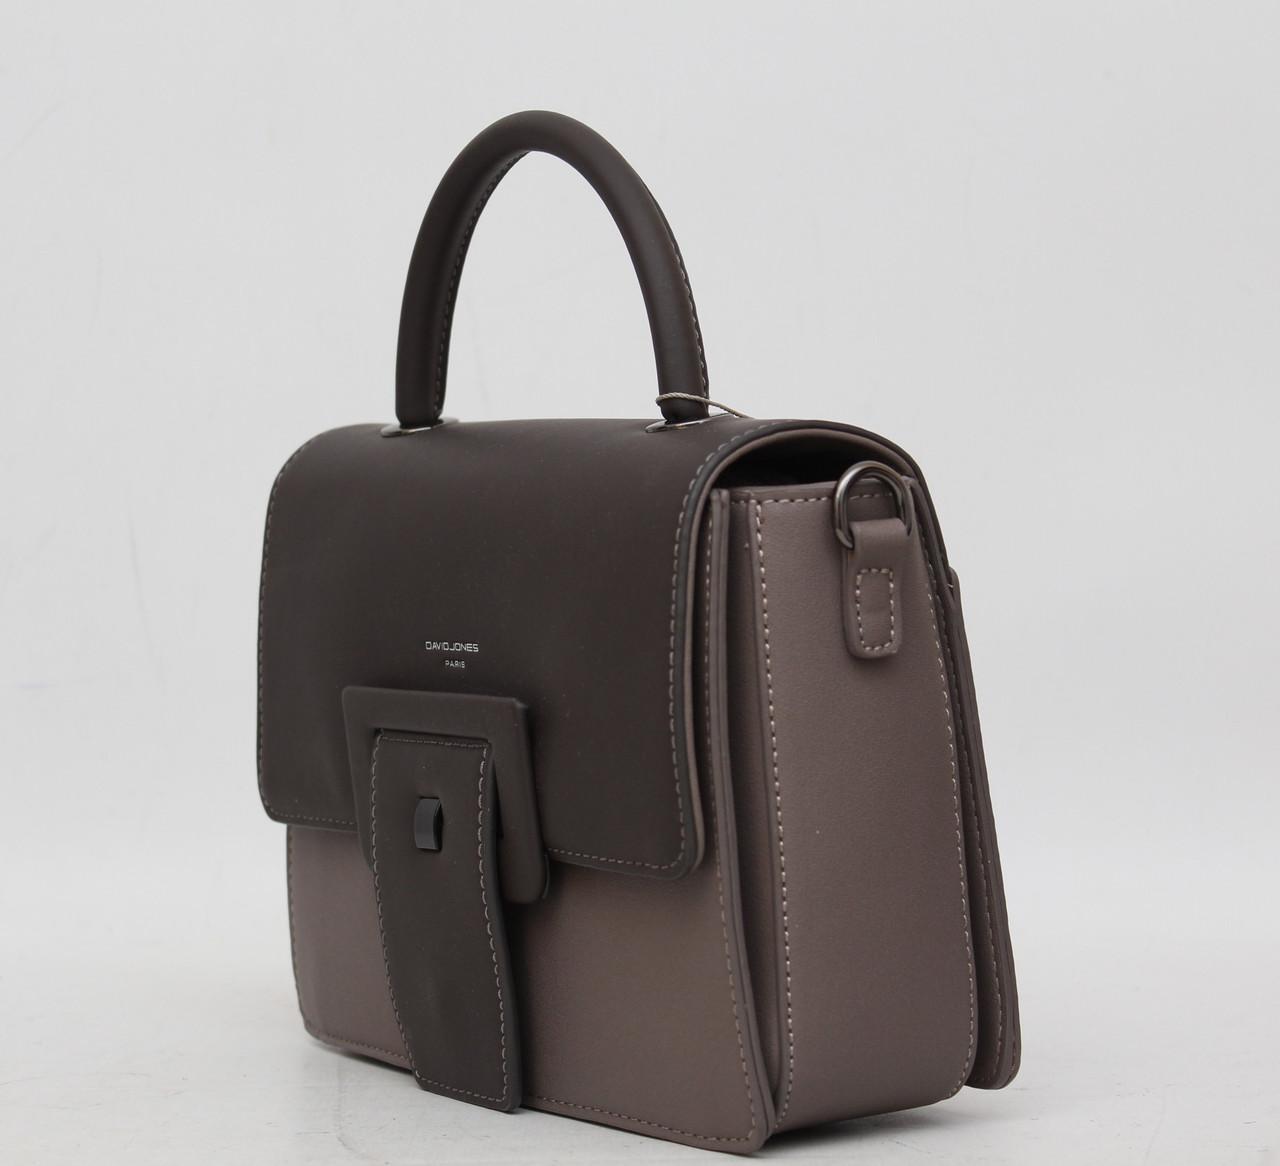 0718671c35a3 Стильний жіночий клатч / сумка David Jones / Стильный женский клатч кожаный  (кожа искусственная)